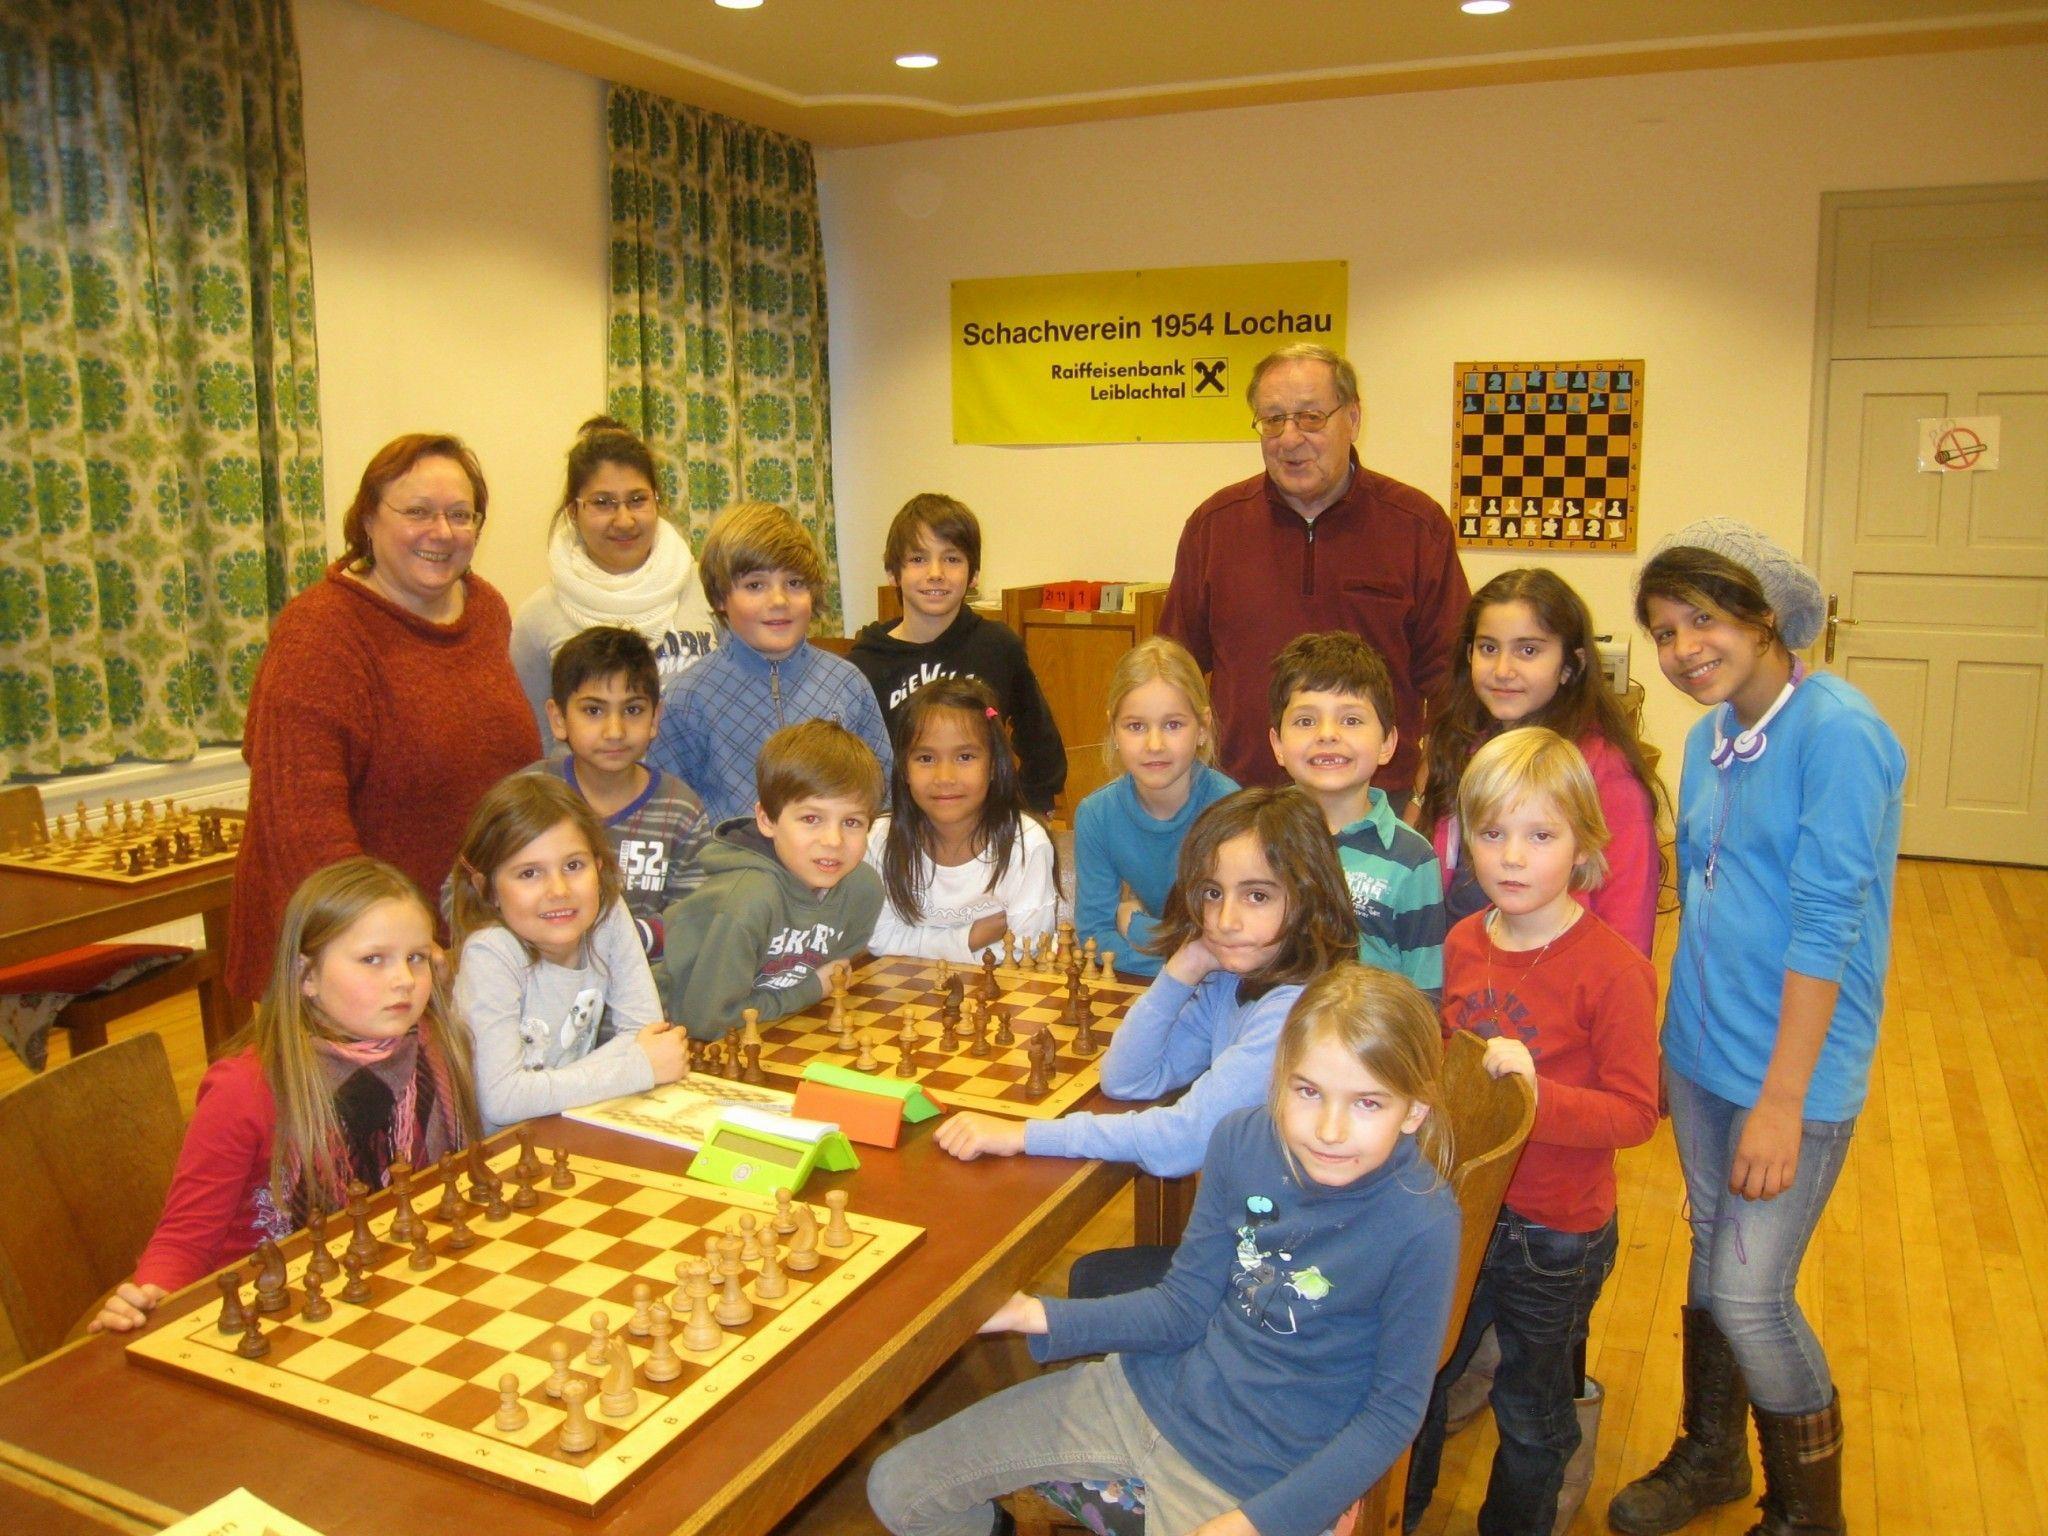 Dieser Schachkurs mit Helene Mira und Hans Rigg macht allen Kindern sehr viel Spaß.